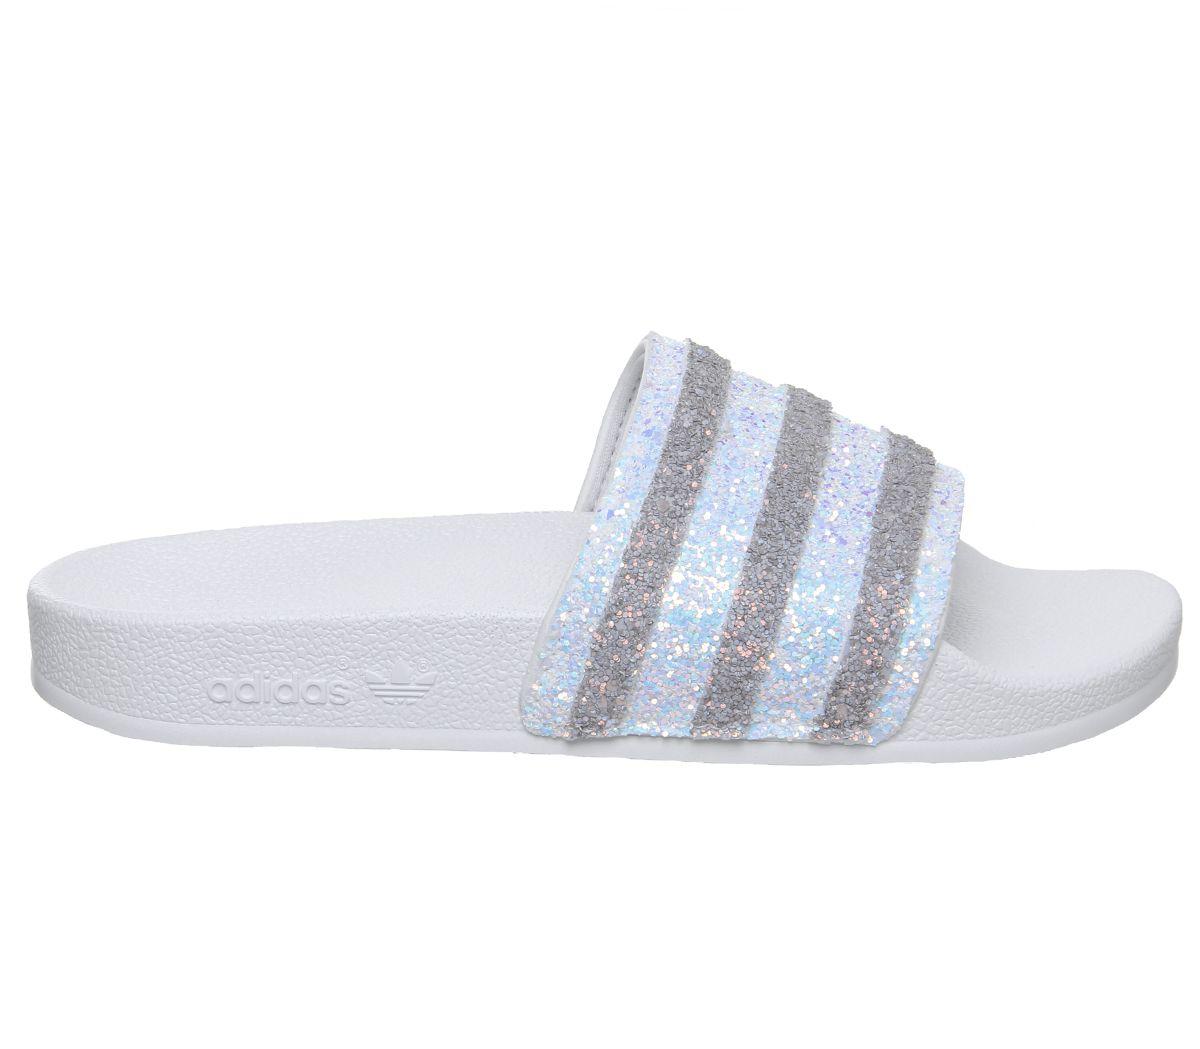 Details zu Damen adidas Adilette Schieber Weiß Glitzer Sandalen